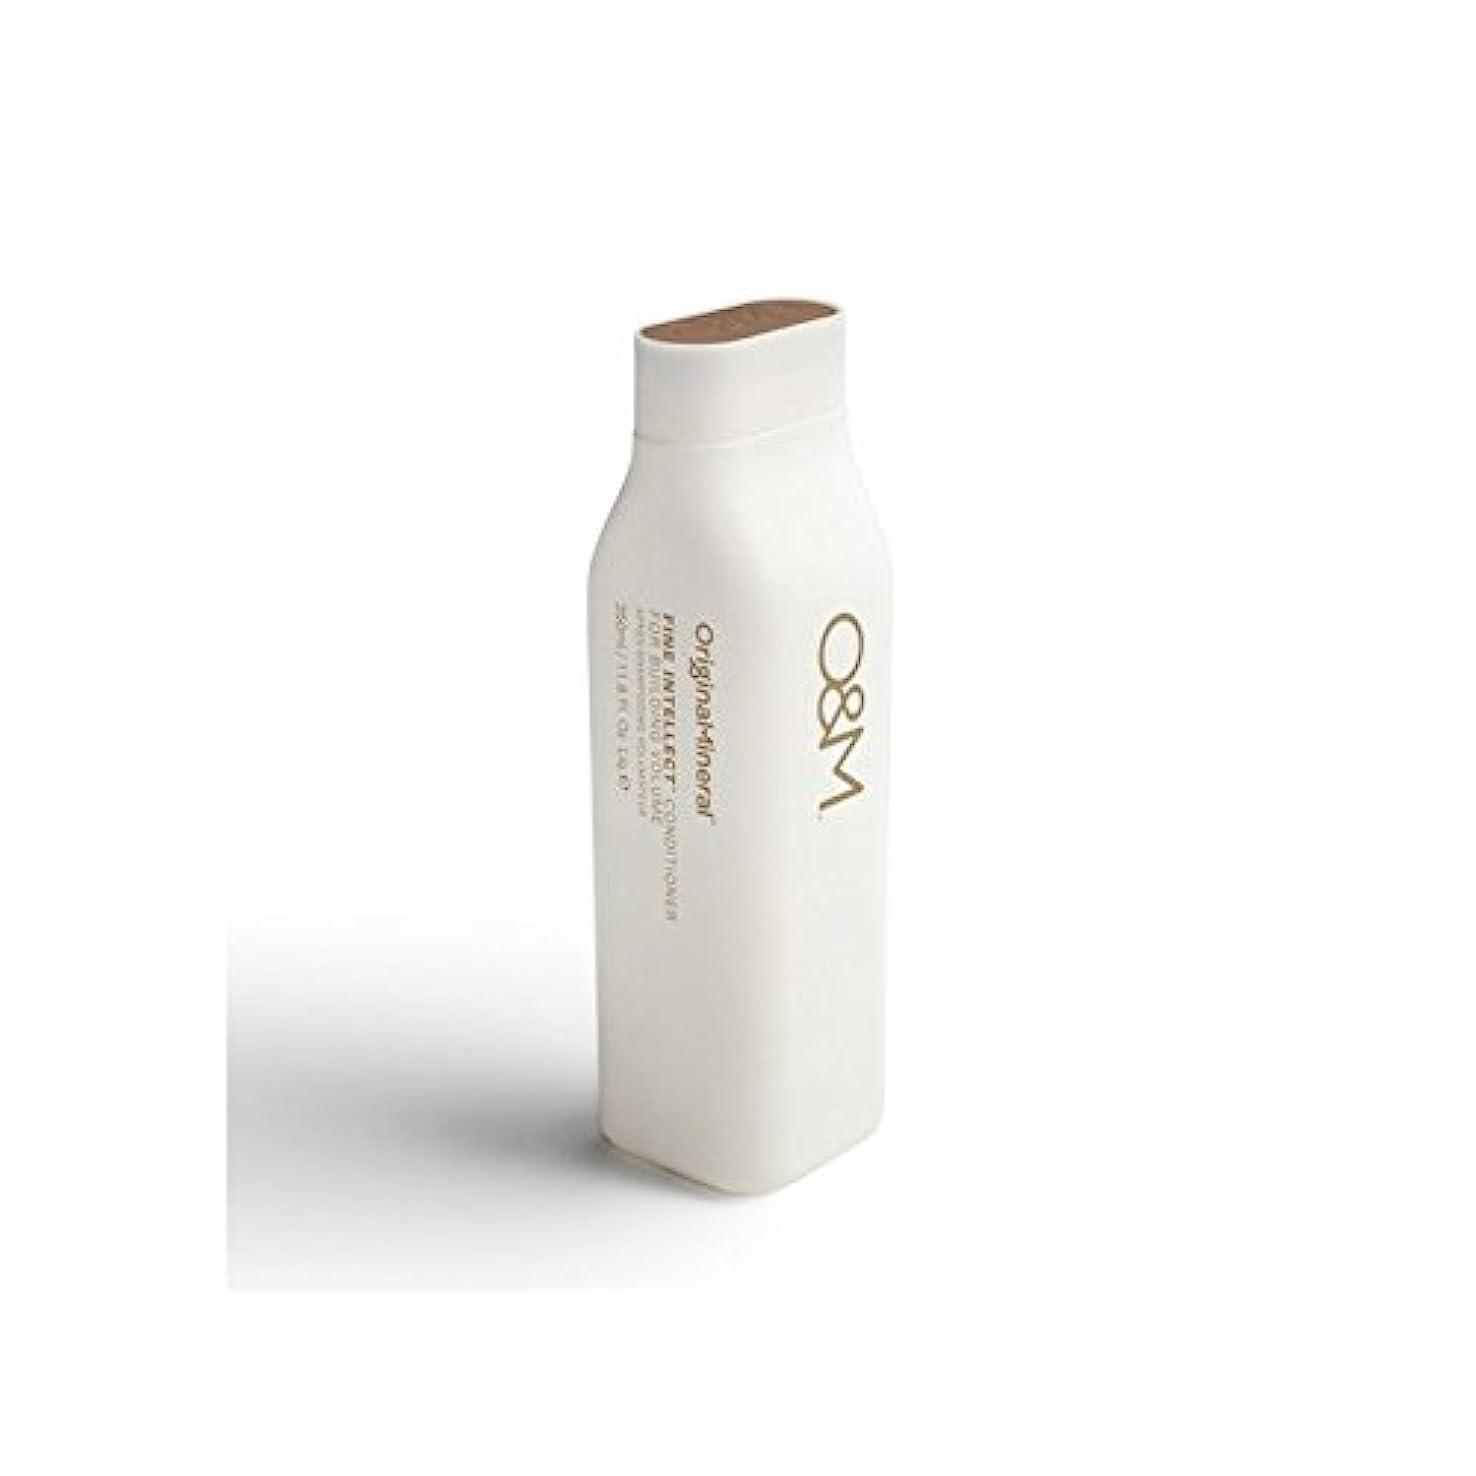 妨げる熟達に変わるOriginal & Mineral Fine Intellect Conditioner (350ml) (Pack of 6) - オリジナル&ミネラル細かい知性コンディショナー(350ミリリットル) x6 [並行輸入品]